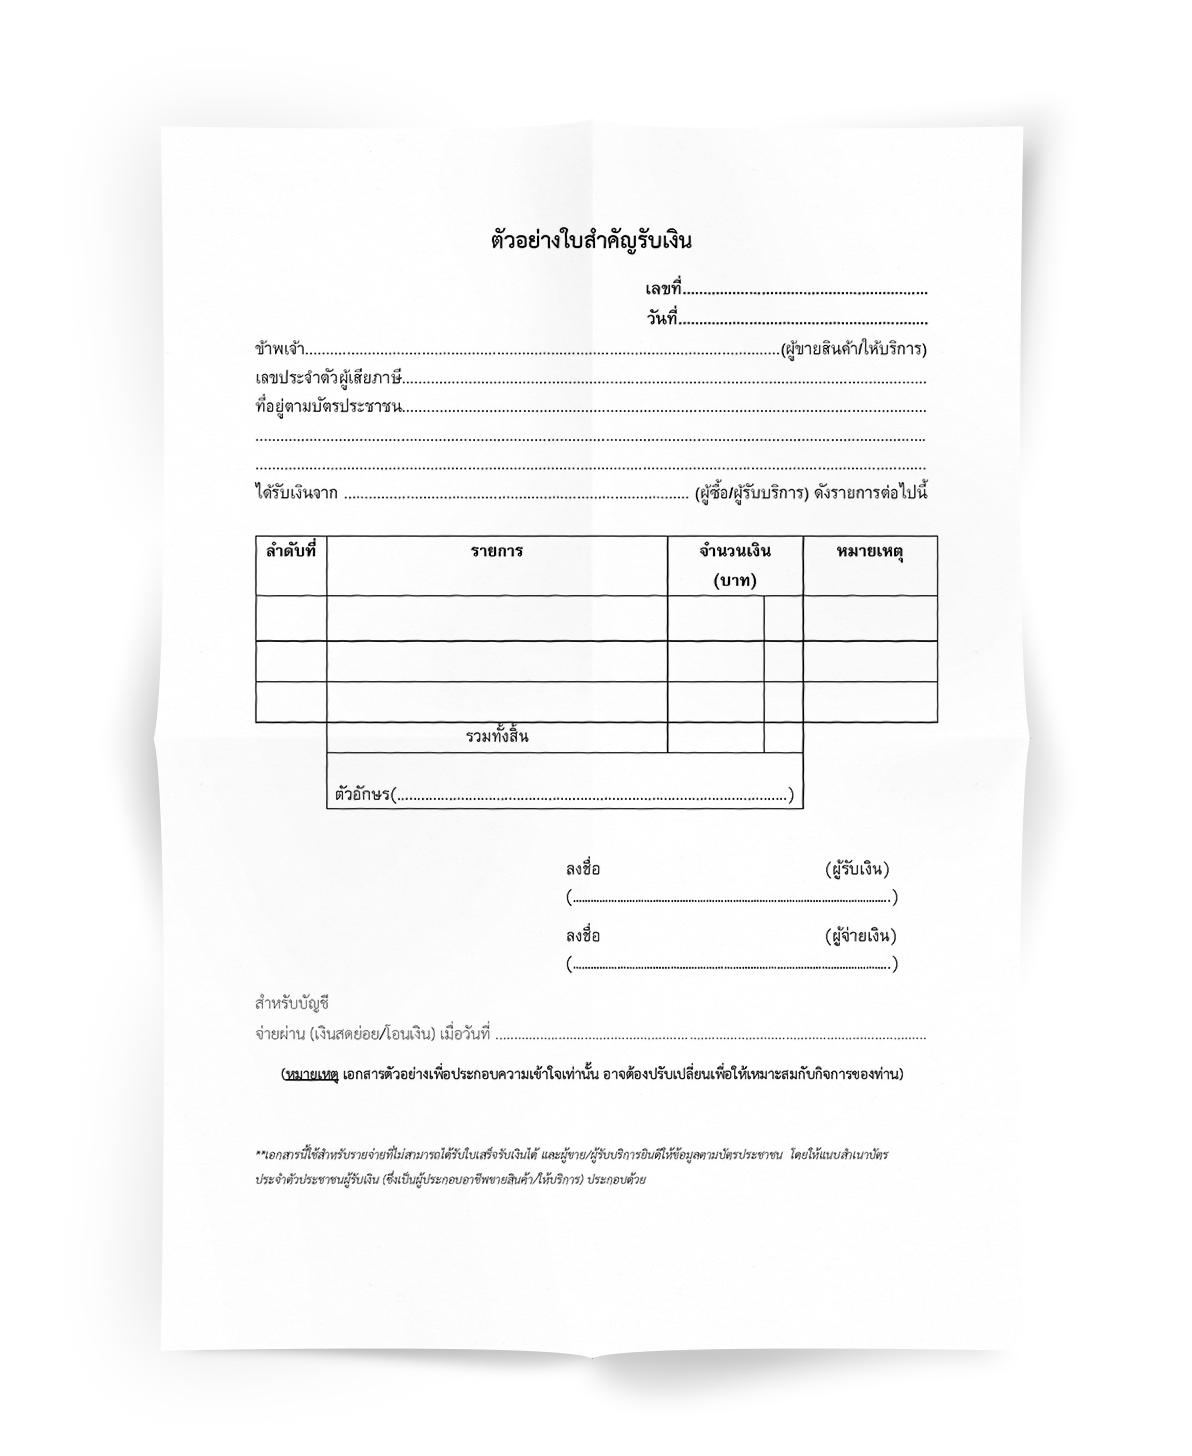 เอกสารที่ใช้ประกอบค่าใช้จ่ายของกิจการ_ใบสำคัญรับเงิน